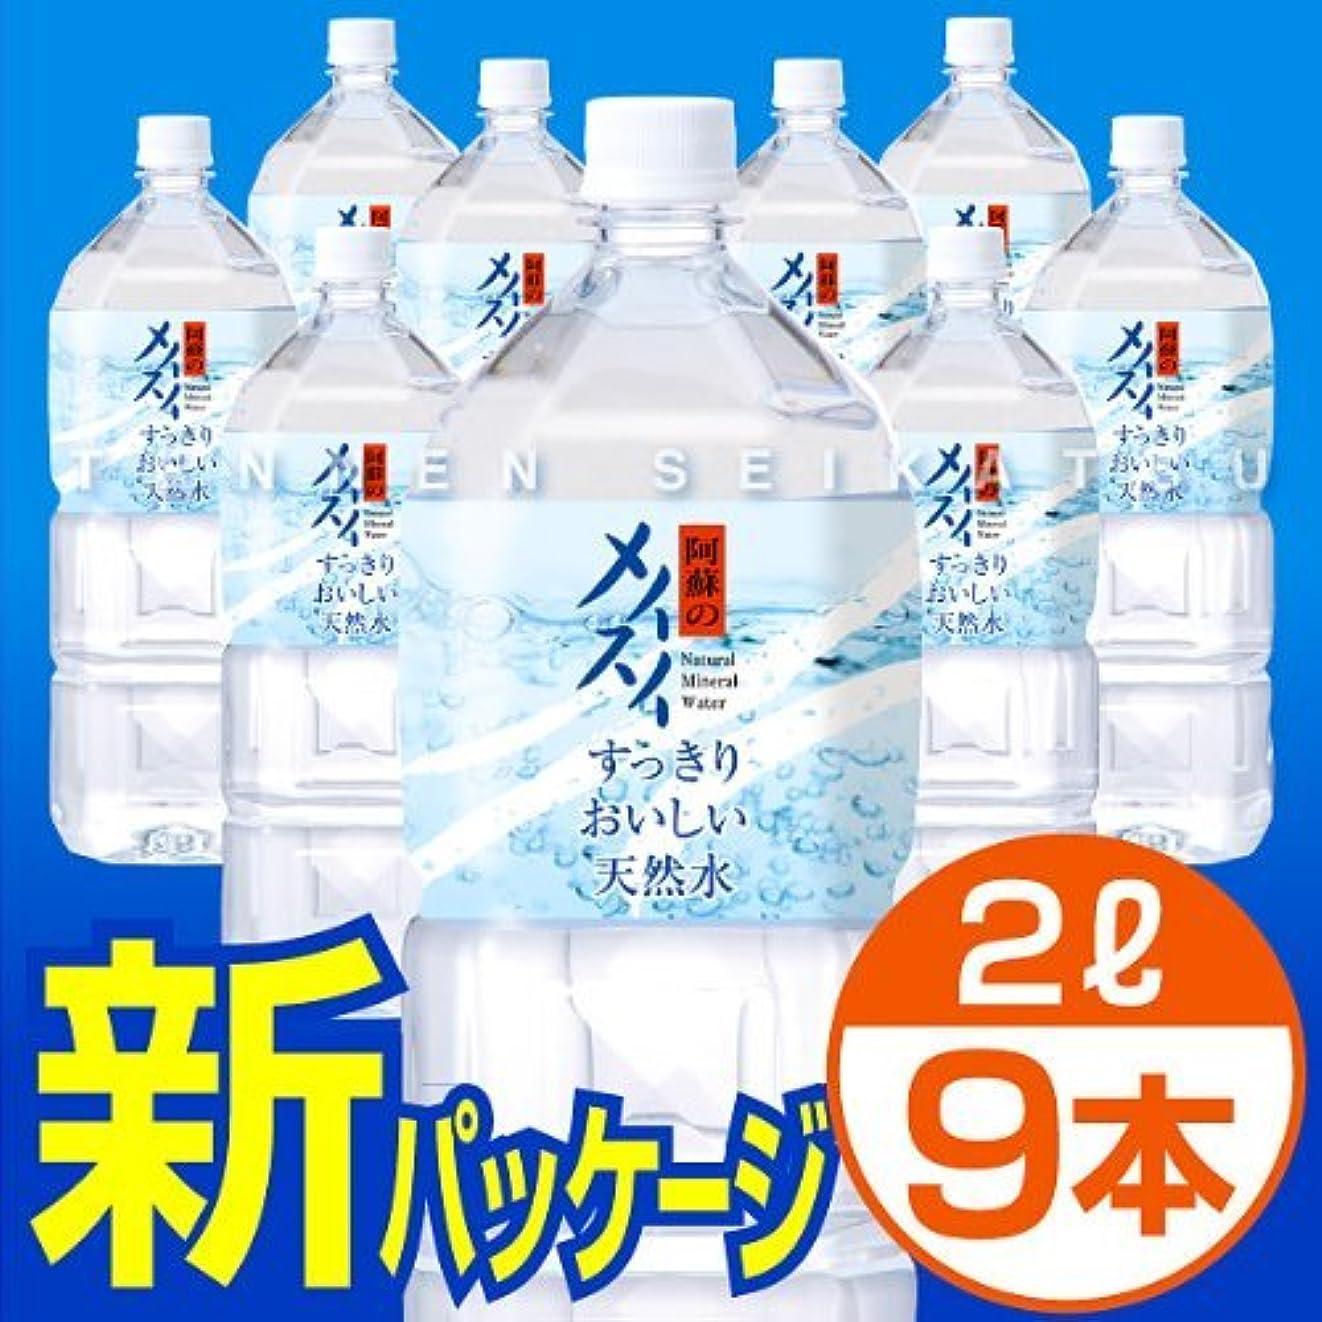 書士遅れ談話阿蘇のメイスイ ペットボトル2L×9本入 1箱 【非加熱殺菌の美味しい天然水】